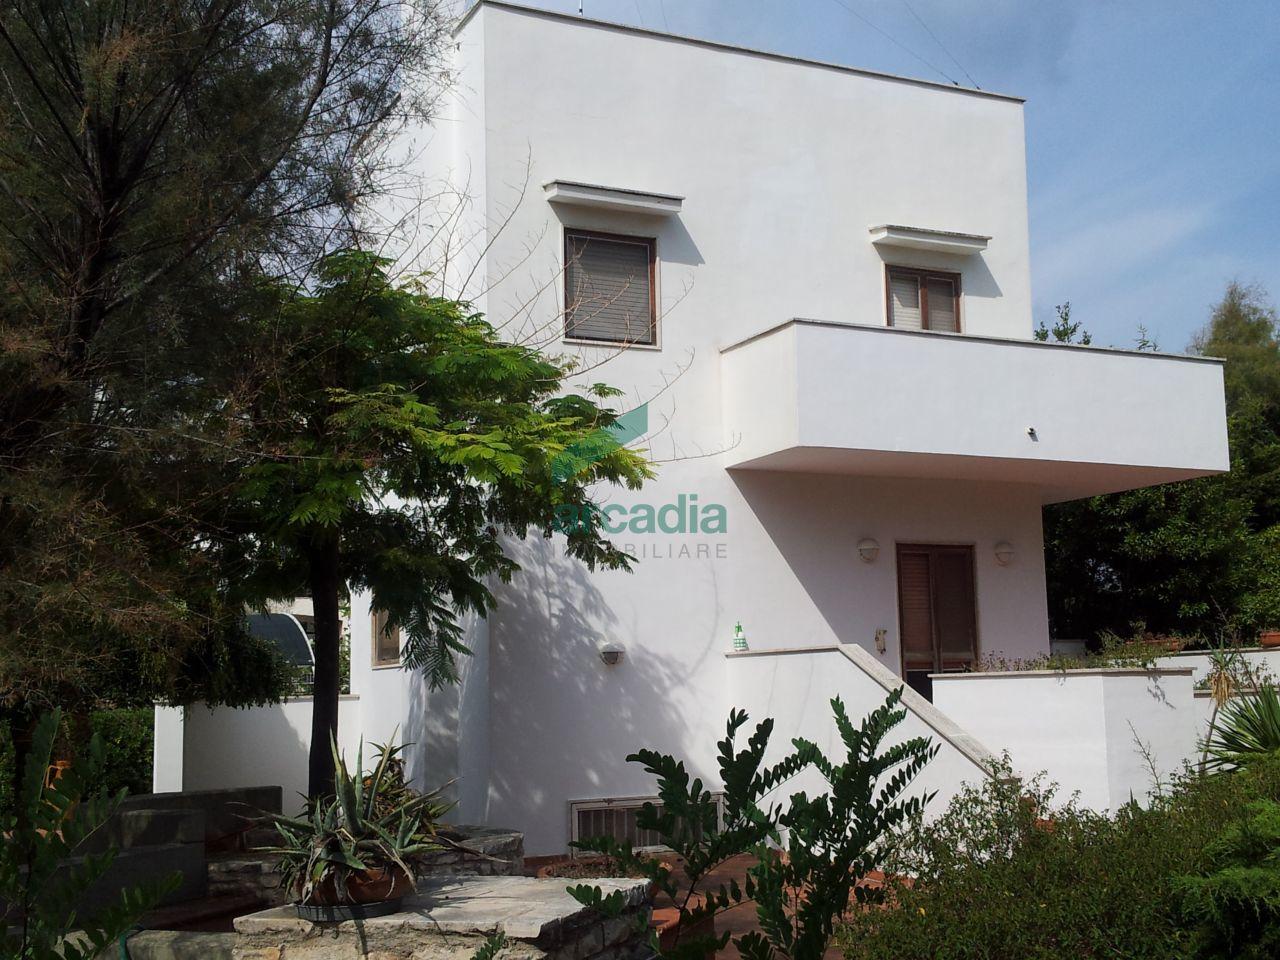 Villa in affitto a Bari, 5 locali, prezzo € 1.000   CambioCasa.it